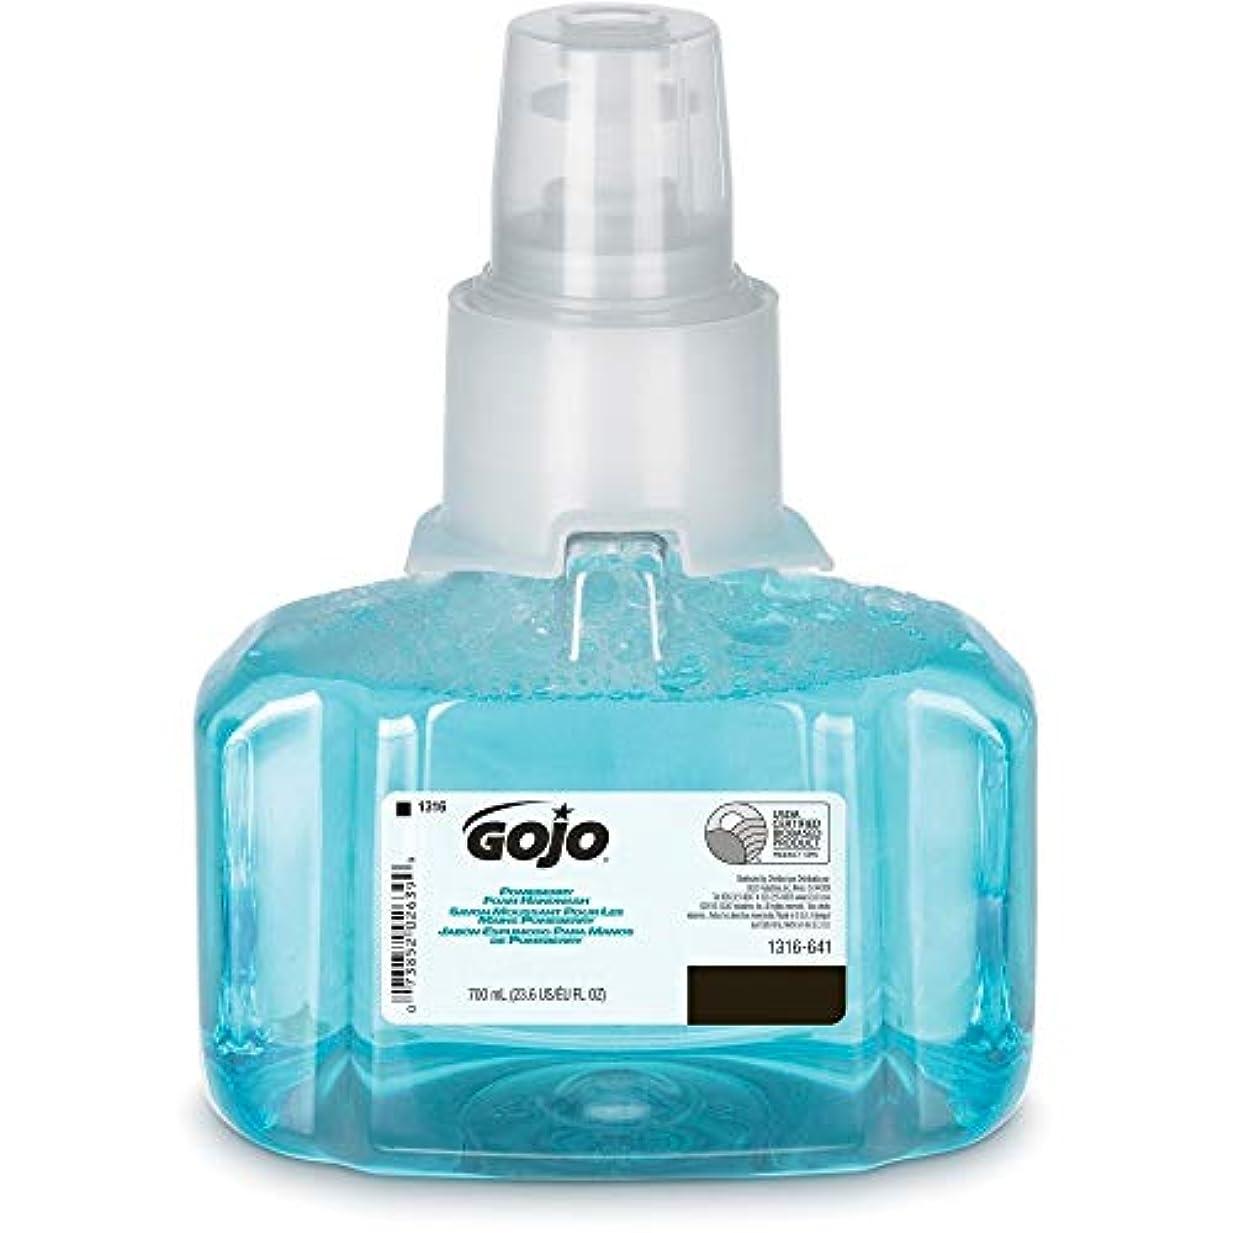 アソシエイトレッスン介入するGOJO ltx-7 Pomeberry泡手洗いリフィル